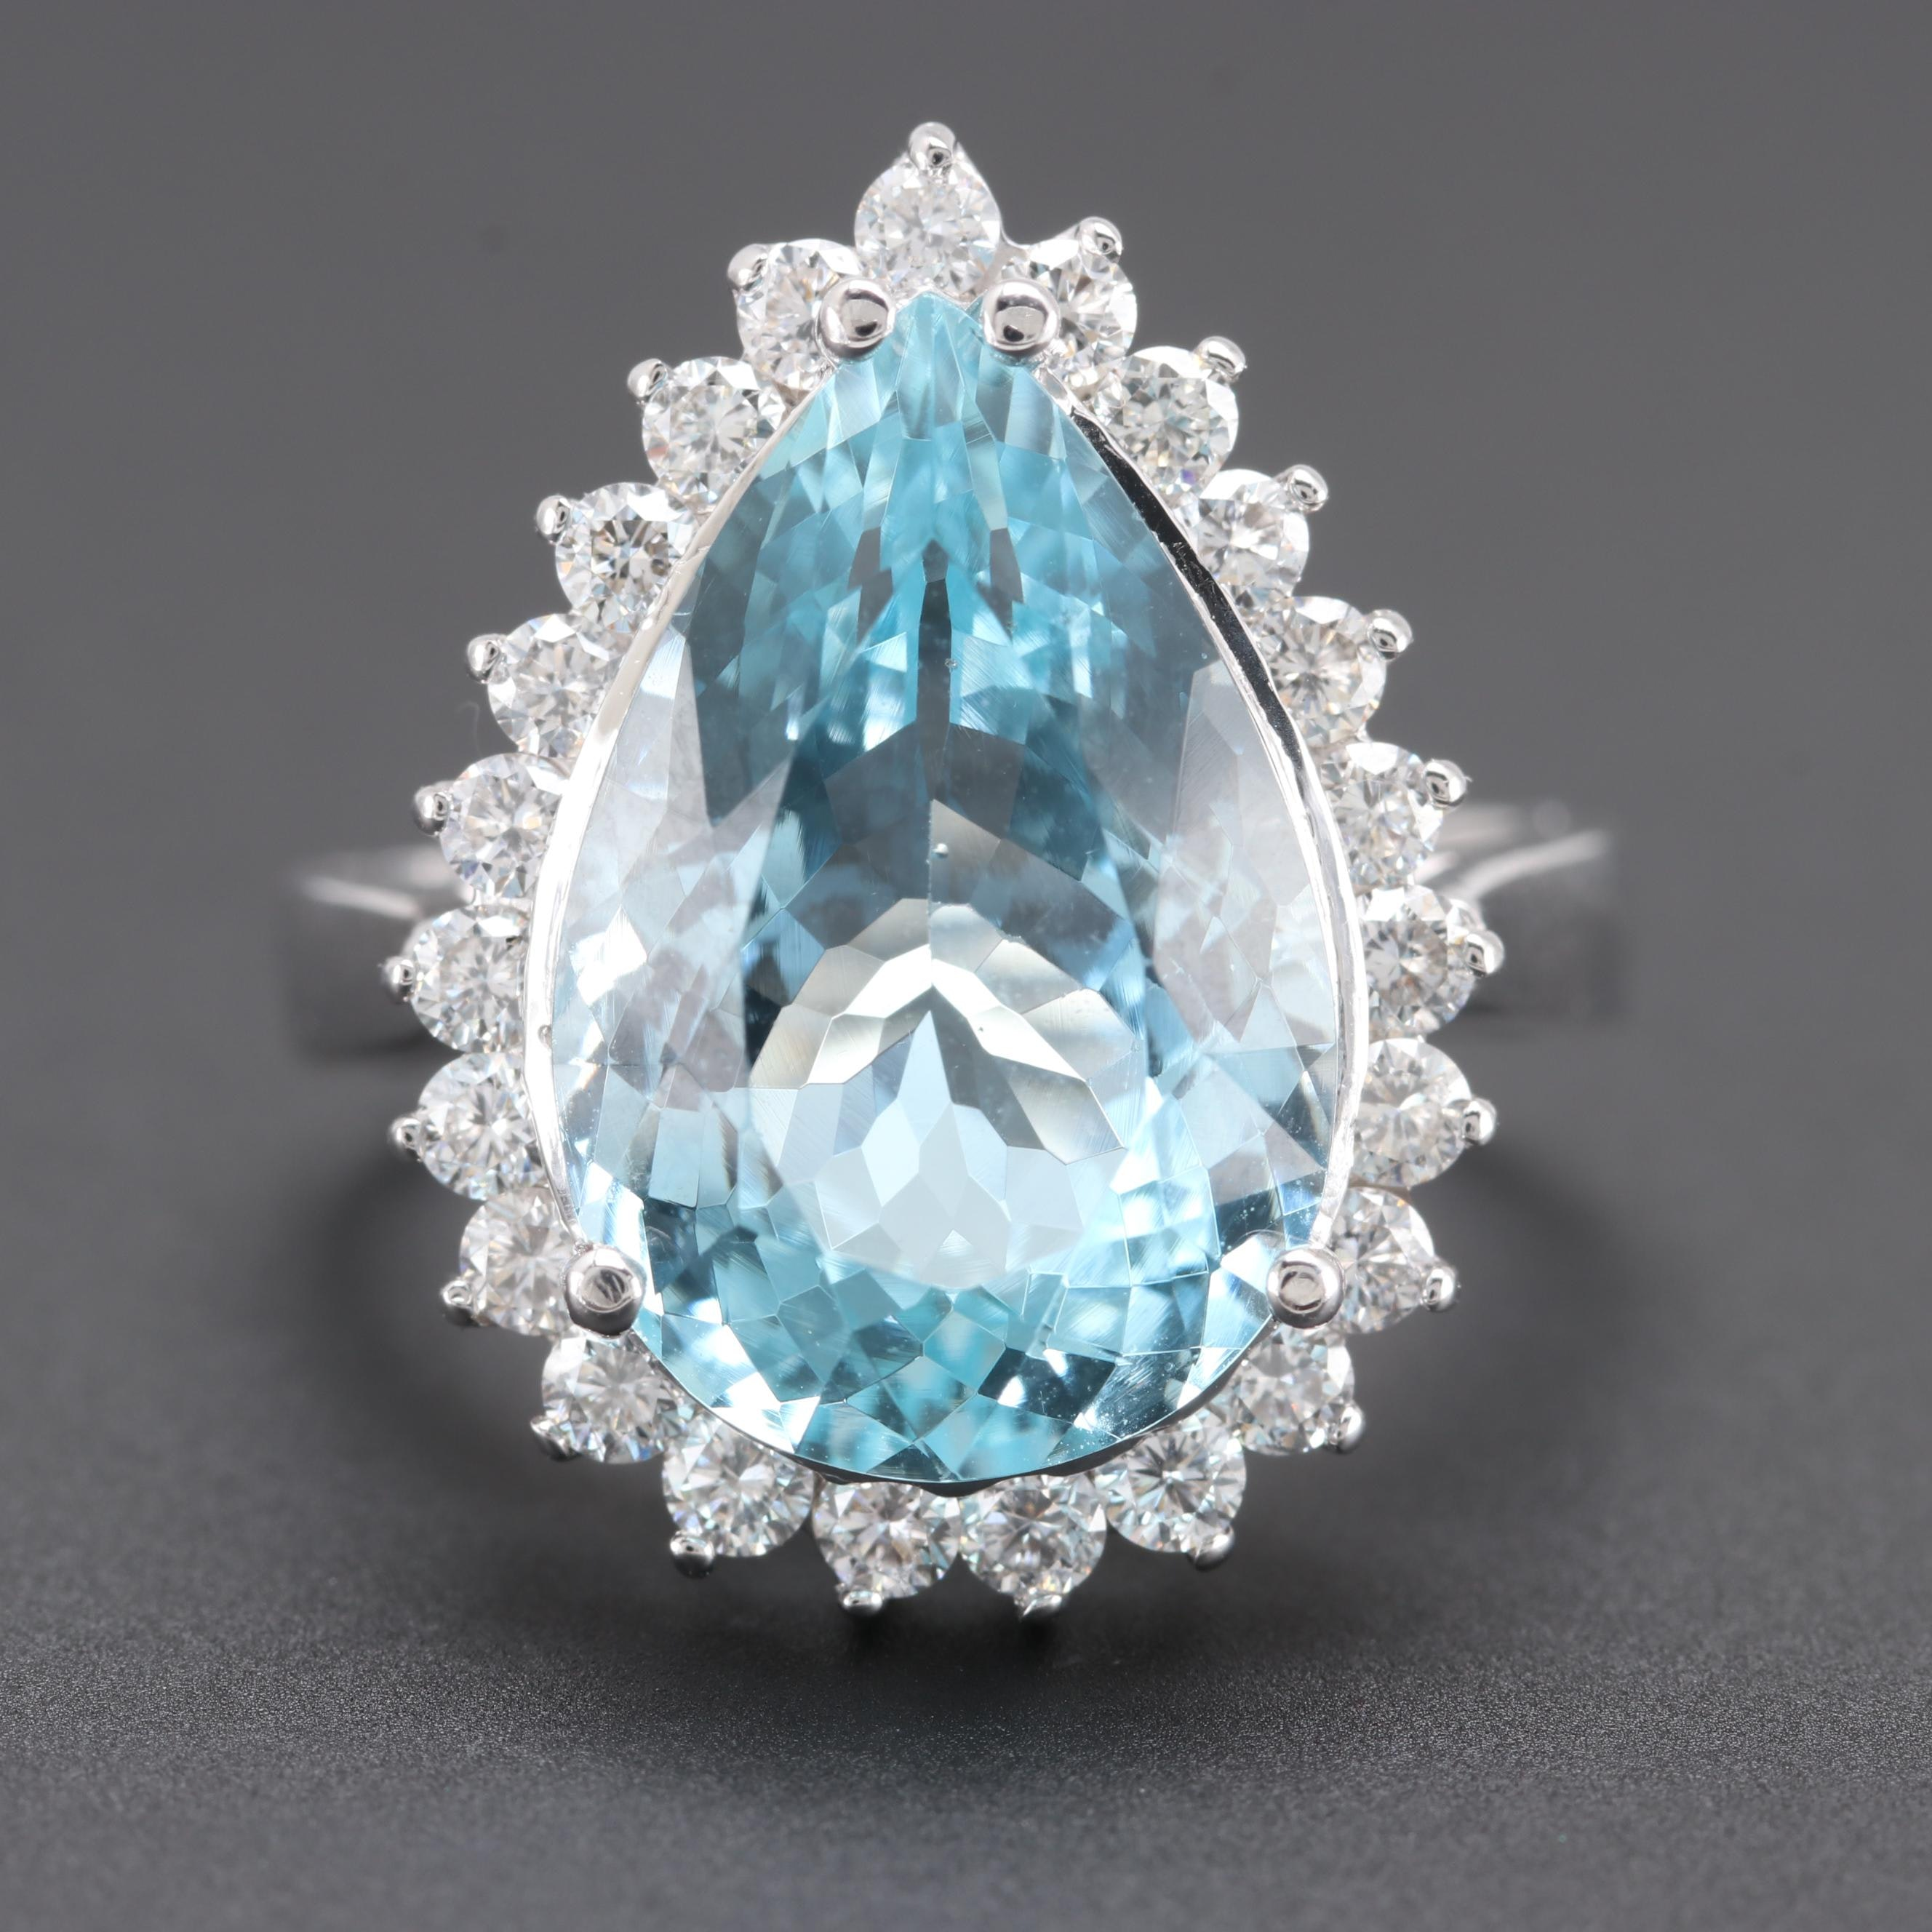 14K White Gold 6.05 CT Aquamarine and Diamond Ring